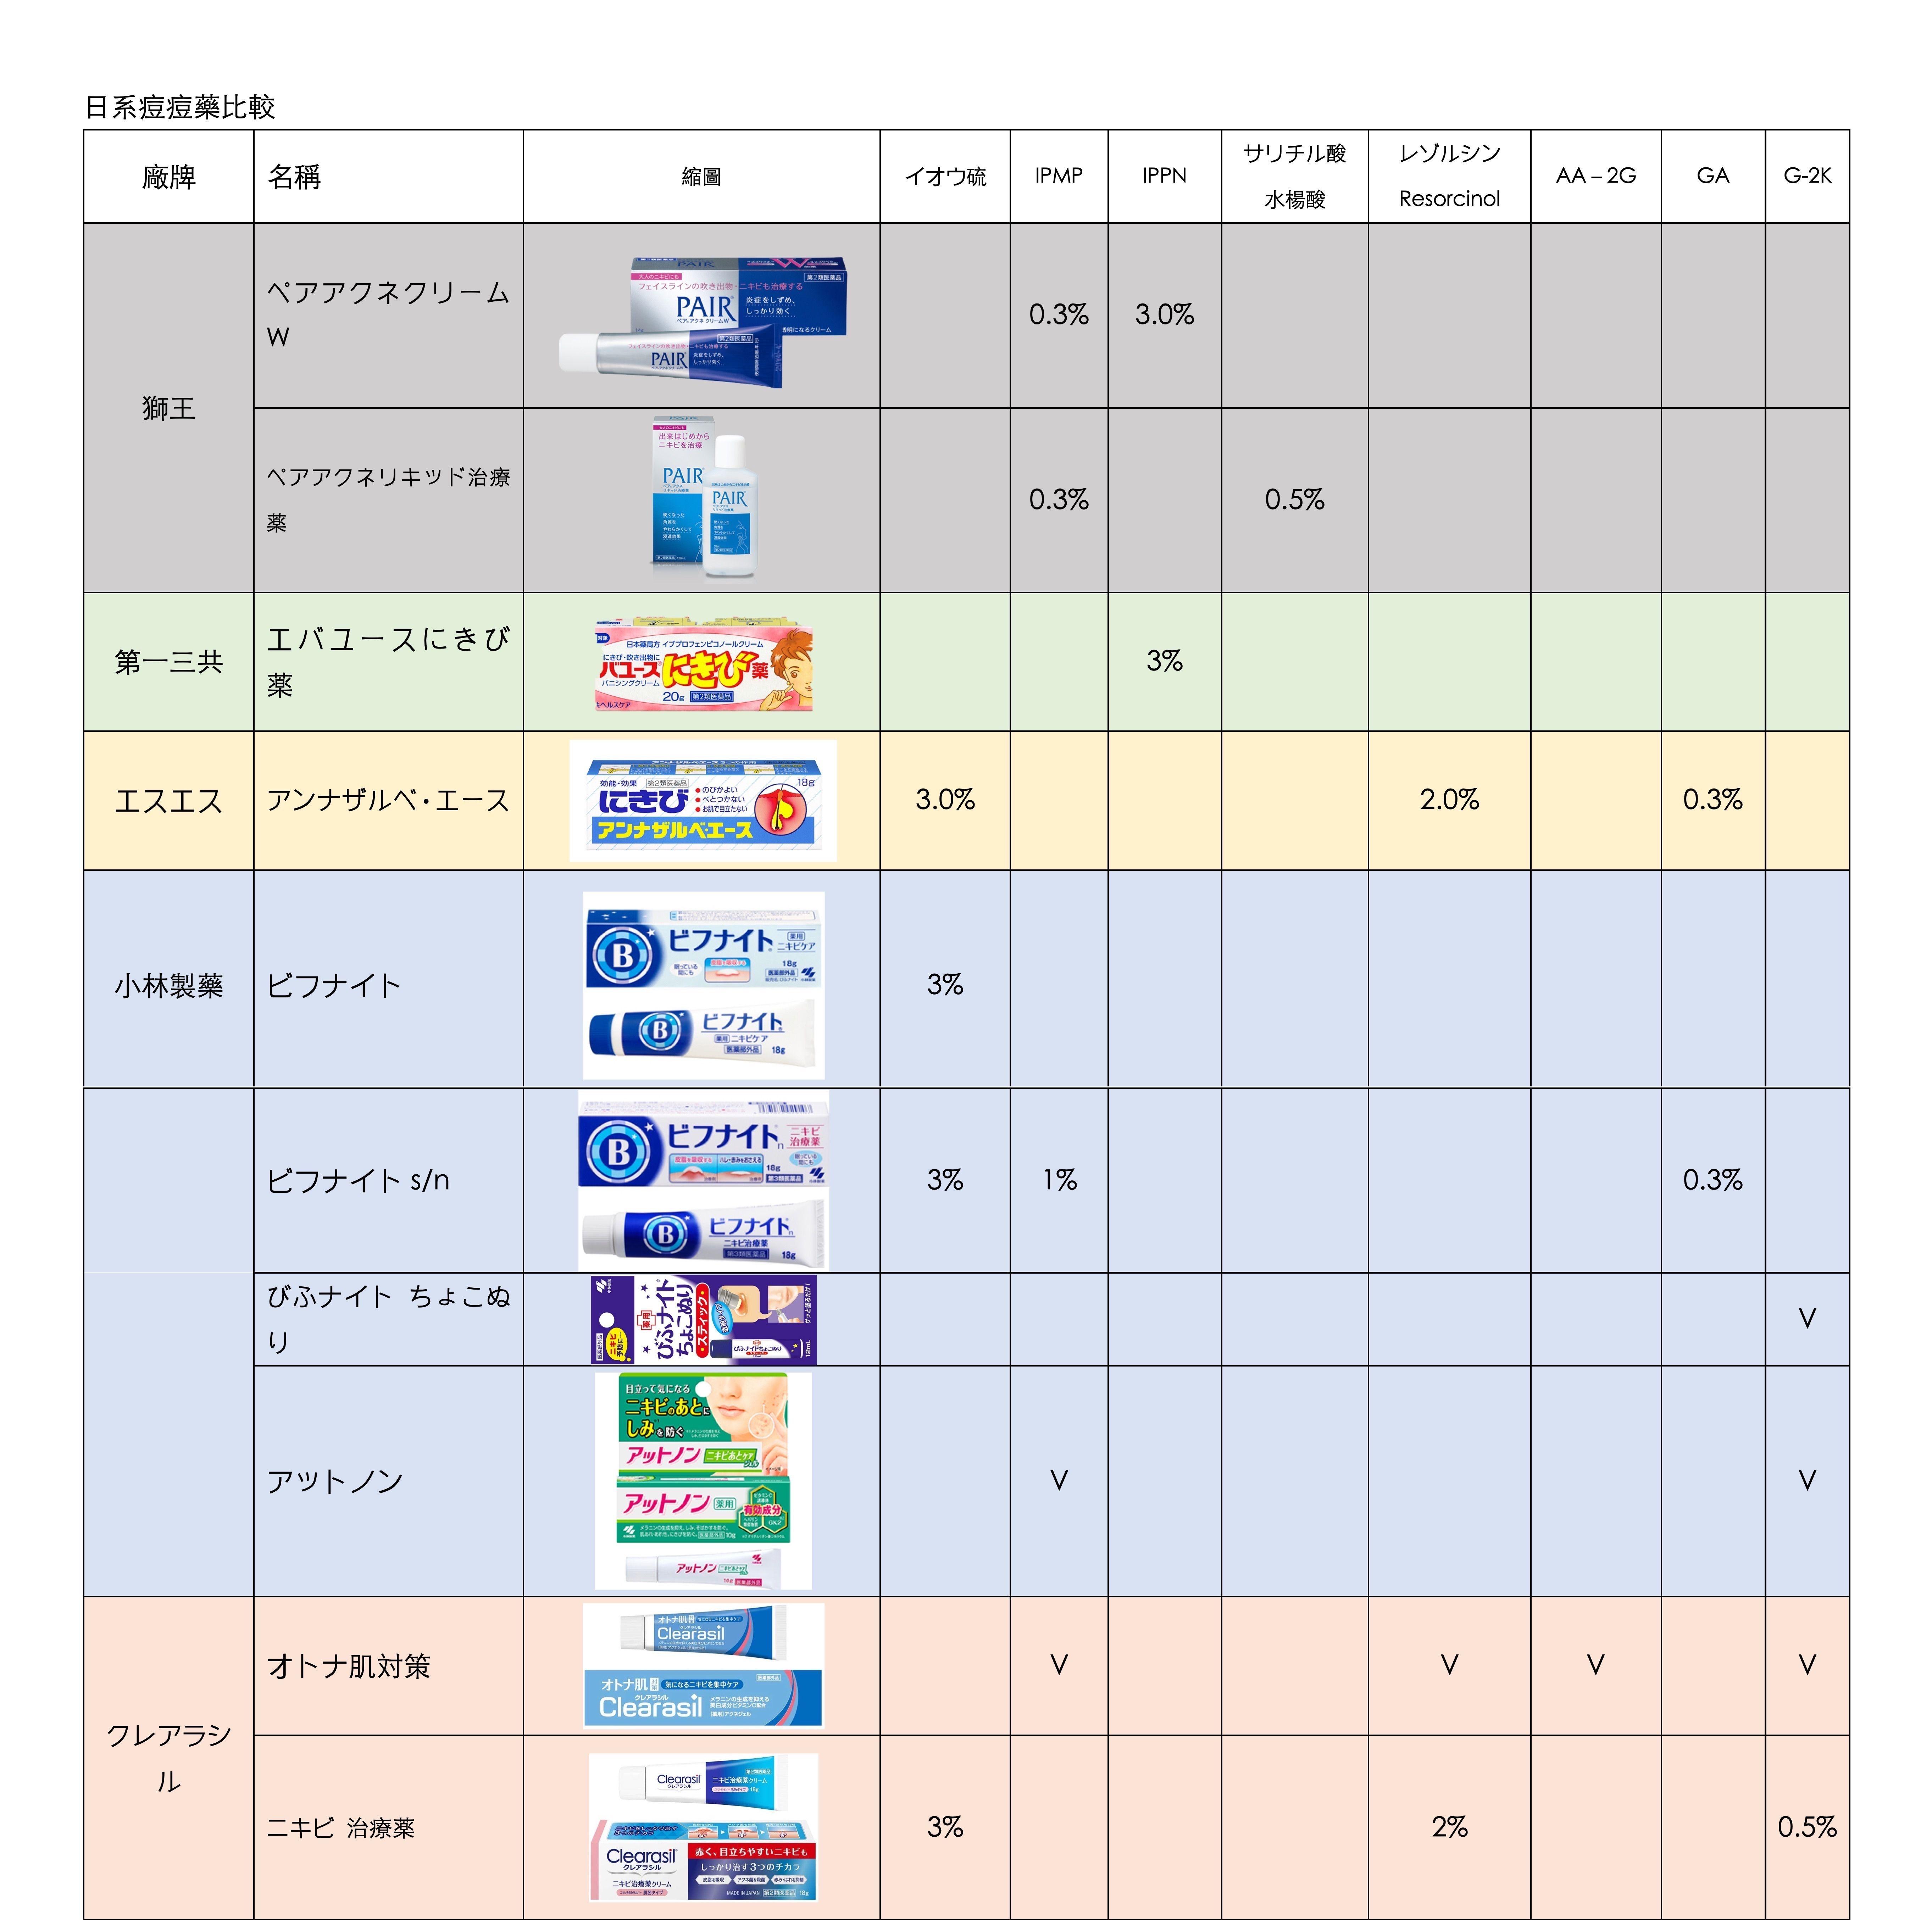 圖片比較表 分拆 2.JPG